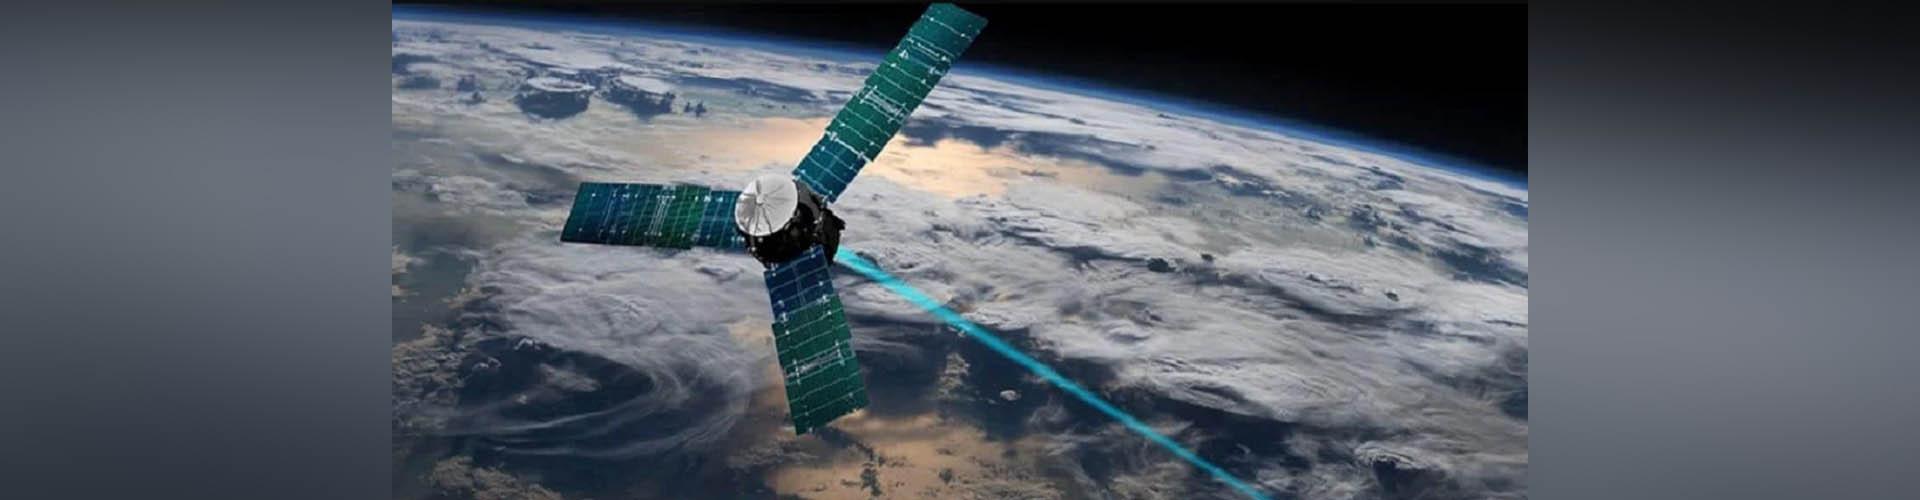 Este nuevo laser ha atravesado la atmósfera terrestre como si nada